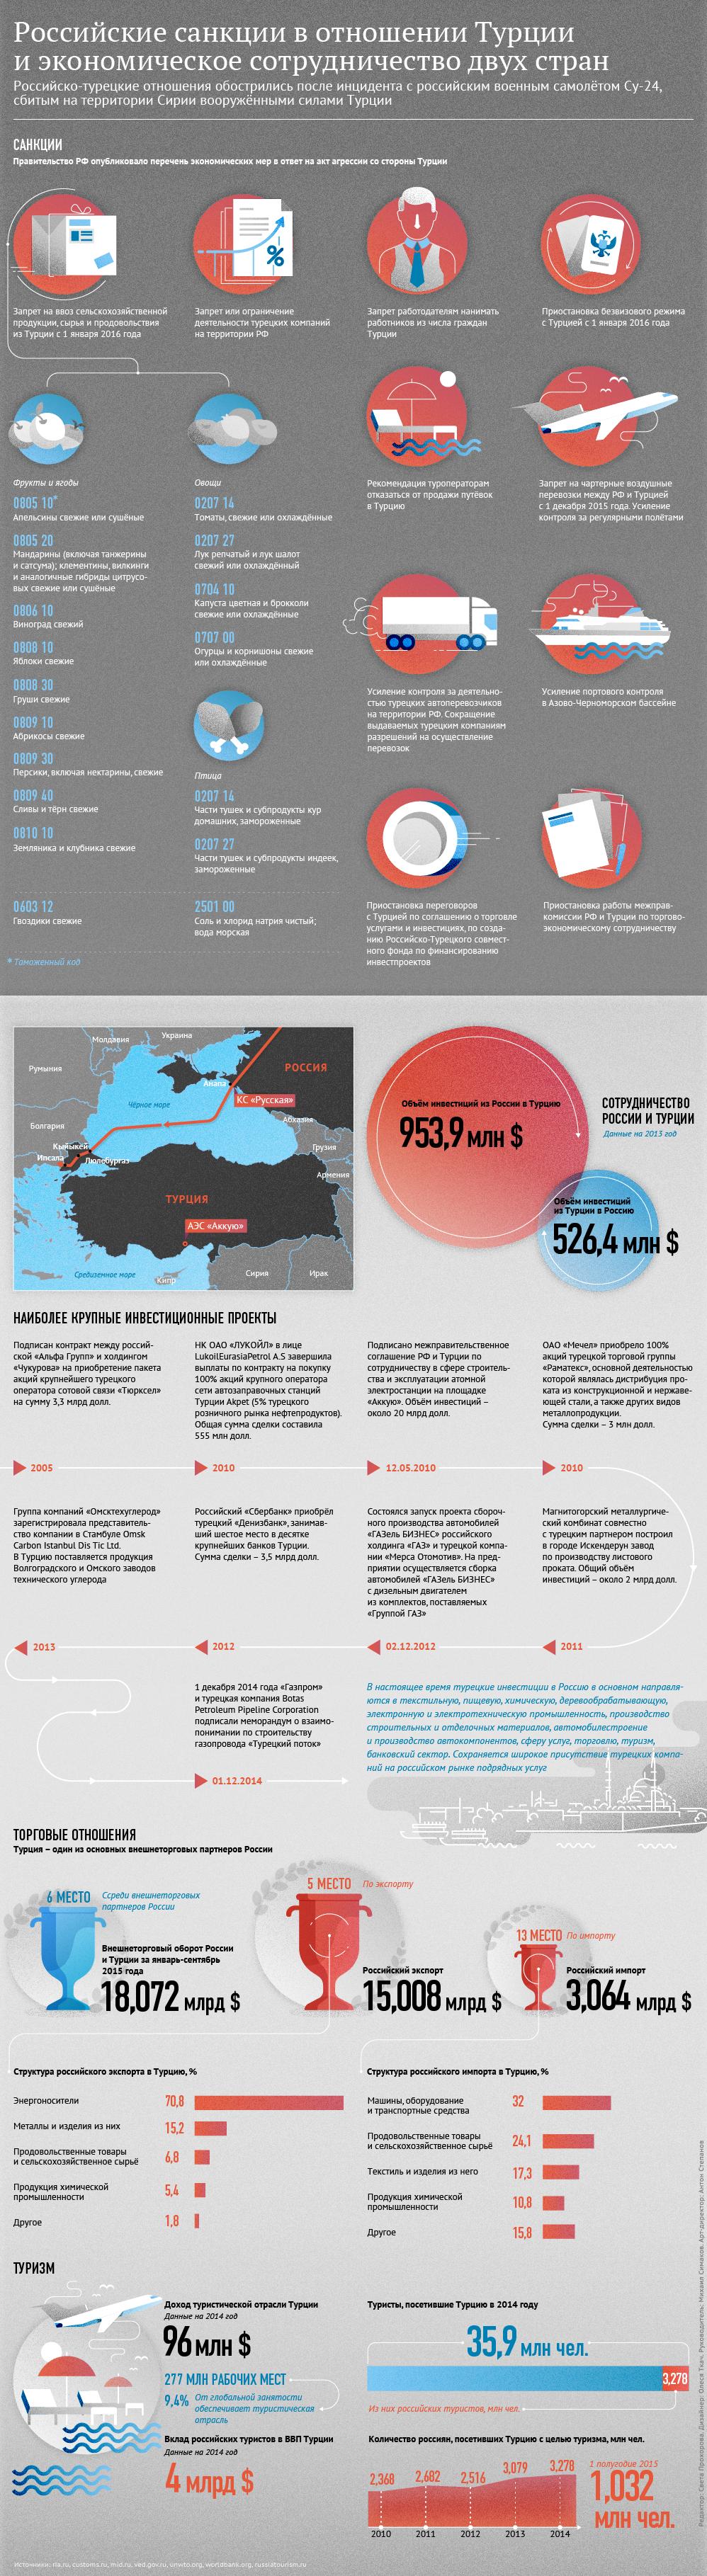 Российские санкции в отношении Турции